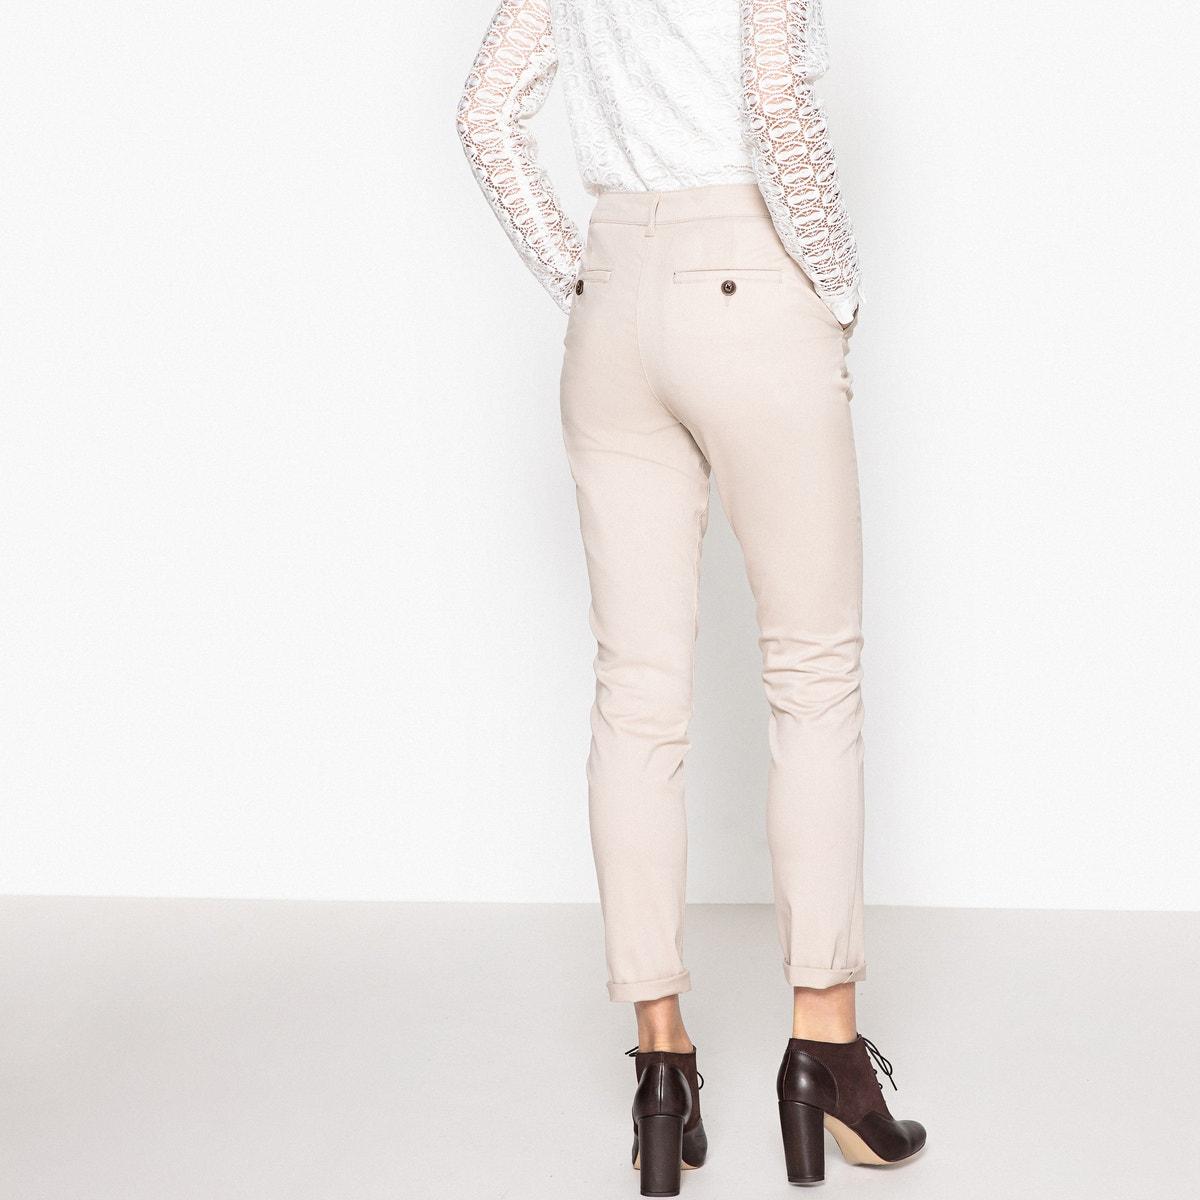 da 5 Fit Slim Pantaloni 31 lunghezza Chino donna xqTCntwgP